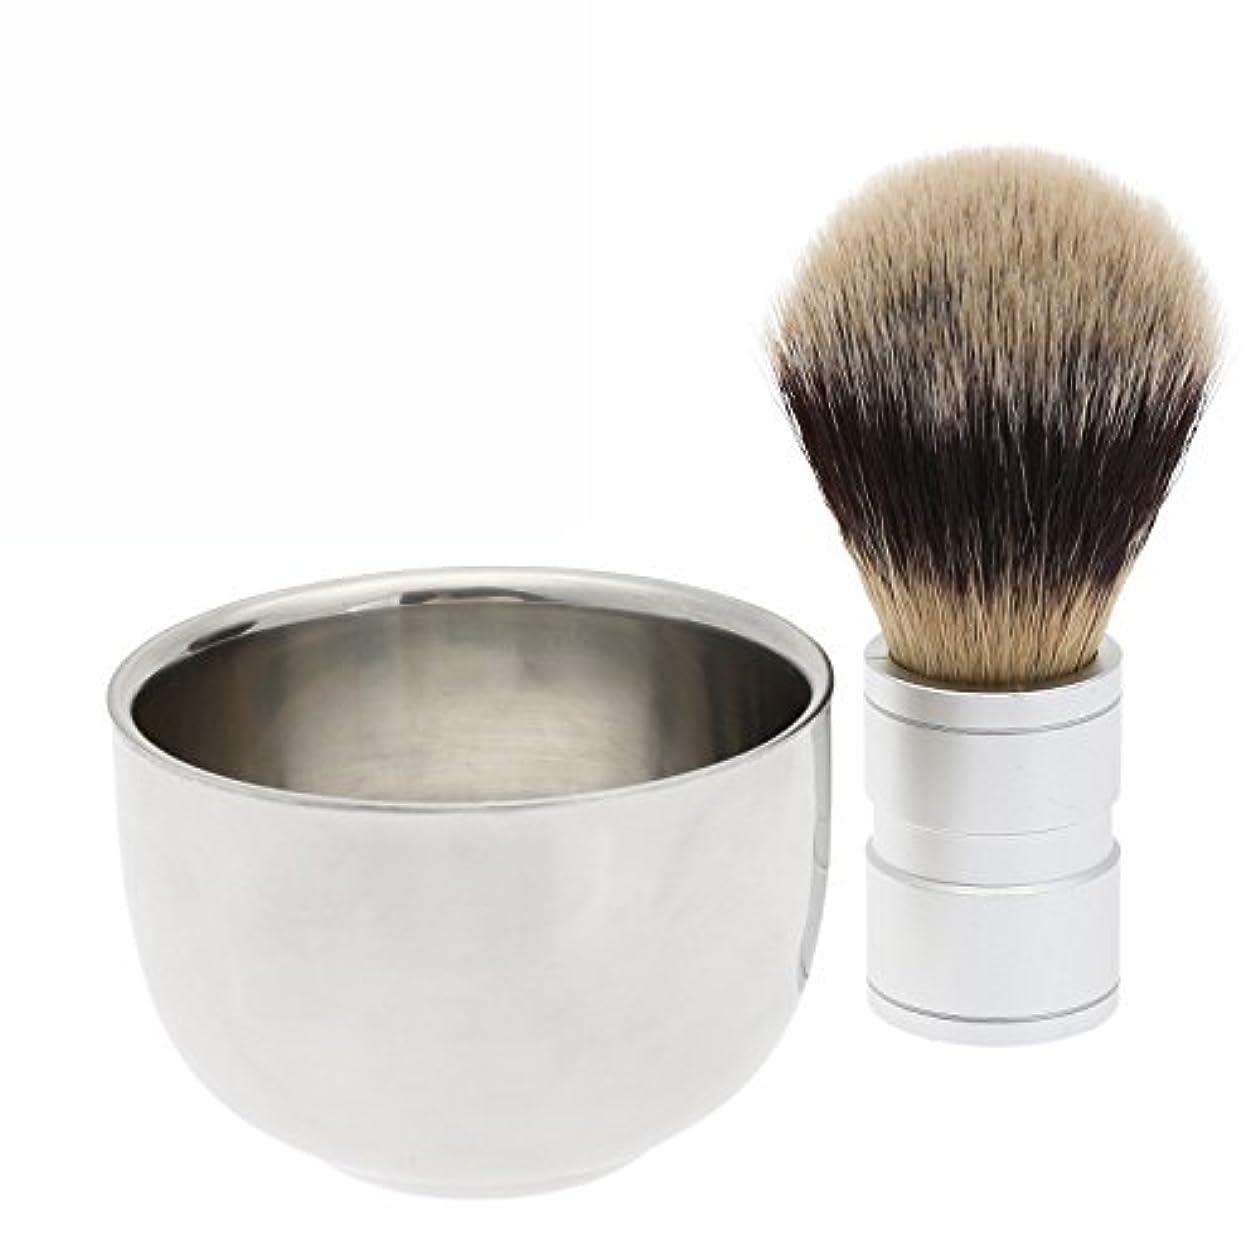 賭けハンマー追放する2PC/セット メンズシェービング用 シェービングブラシ +ステンレス鋼のボウルマグカップ ギフト 理容 洗顔 髭剃り